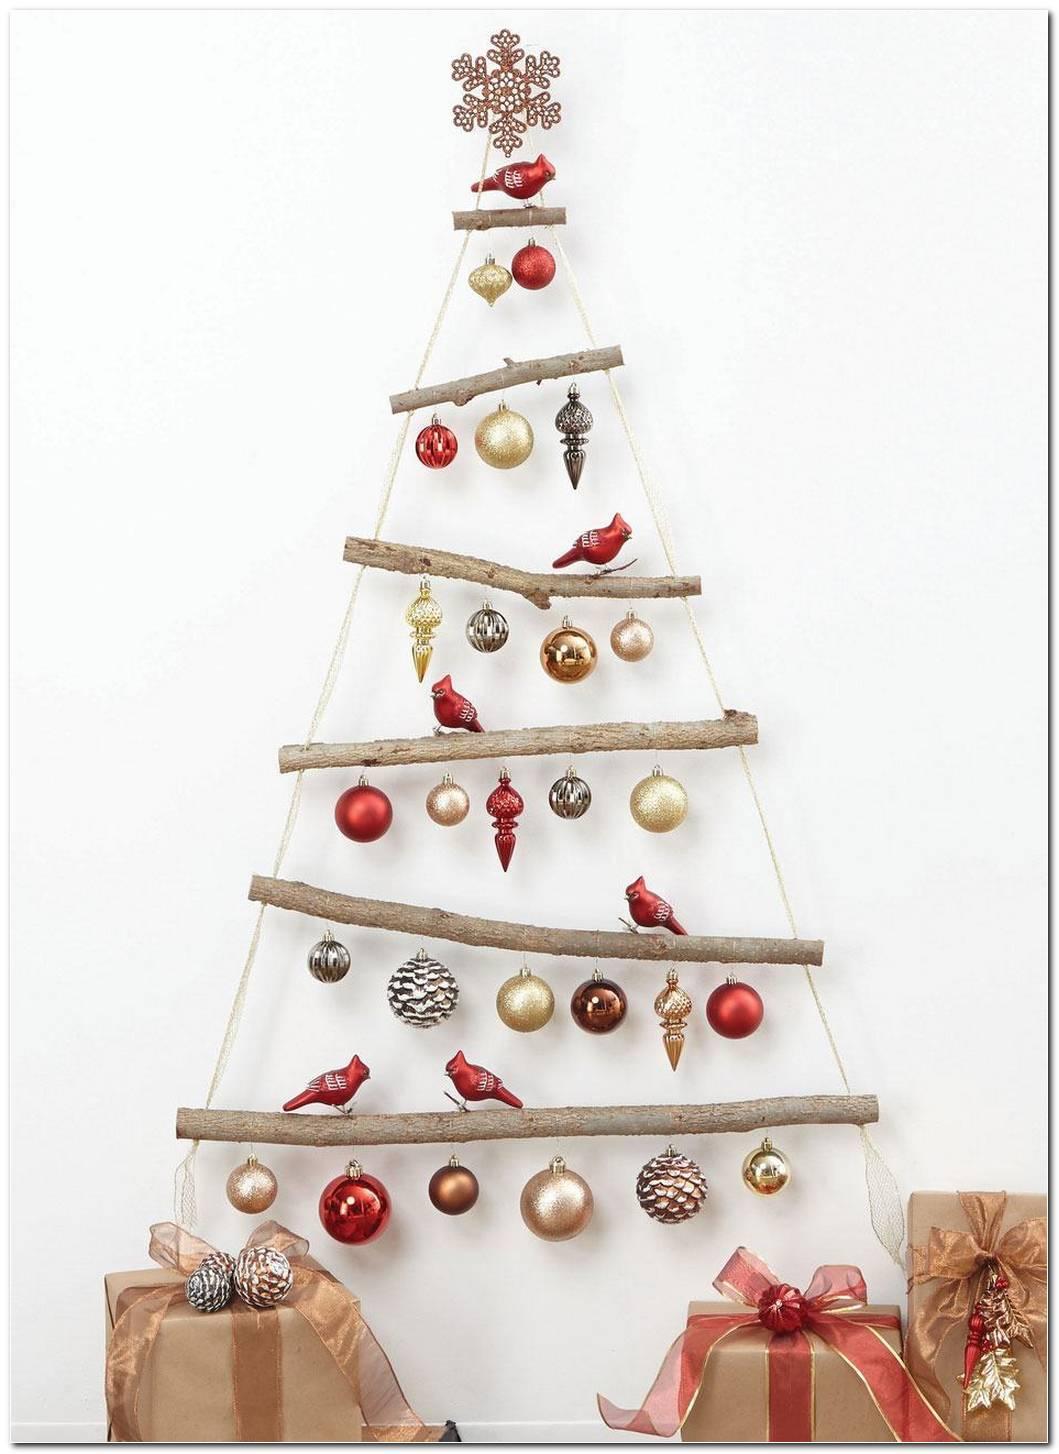 75 Ideias De Árvore De Natal Artesanal & Como Fazer Passo A Passo